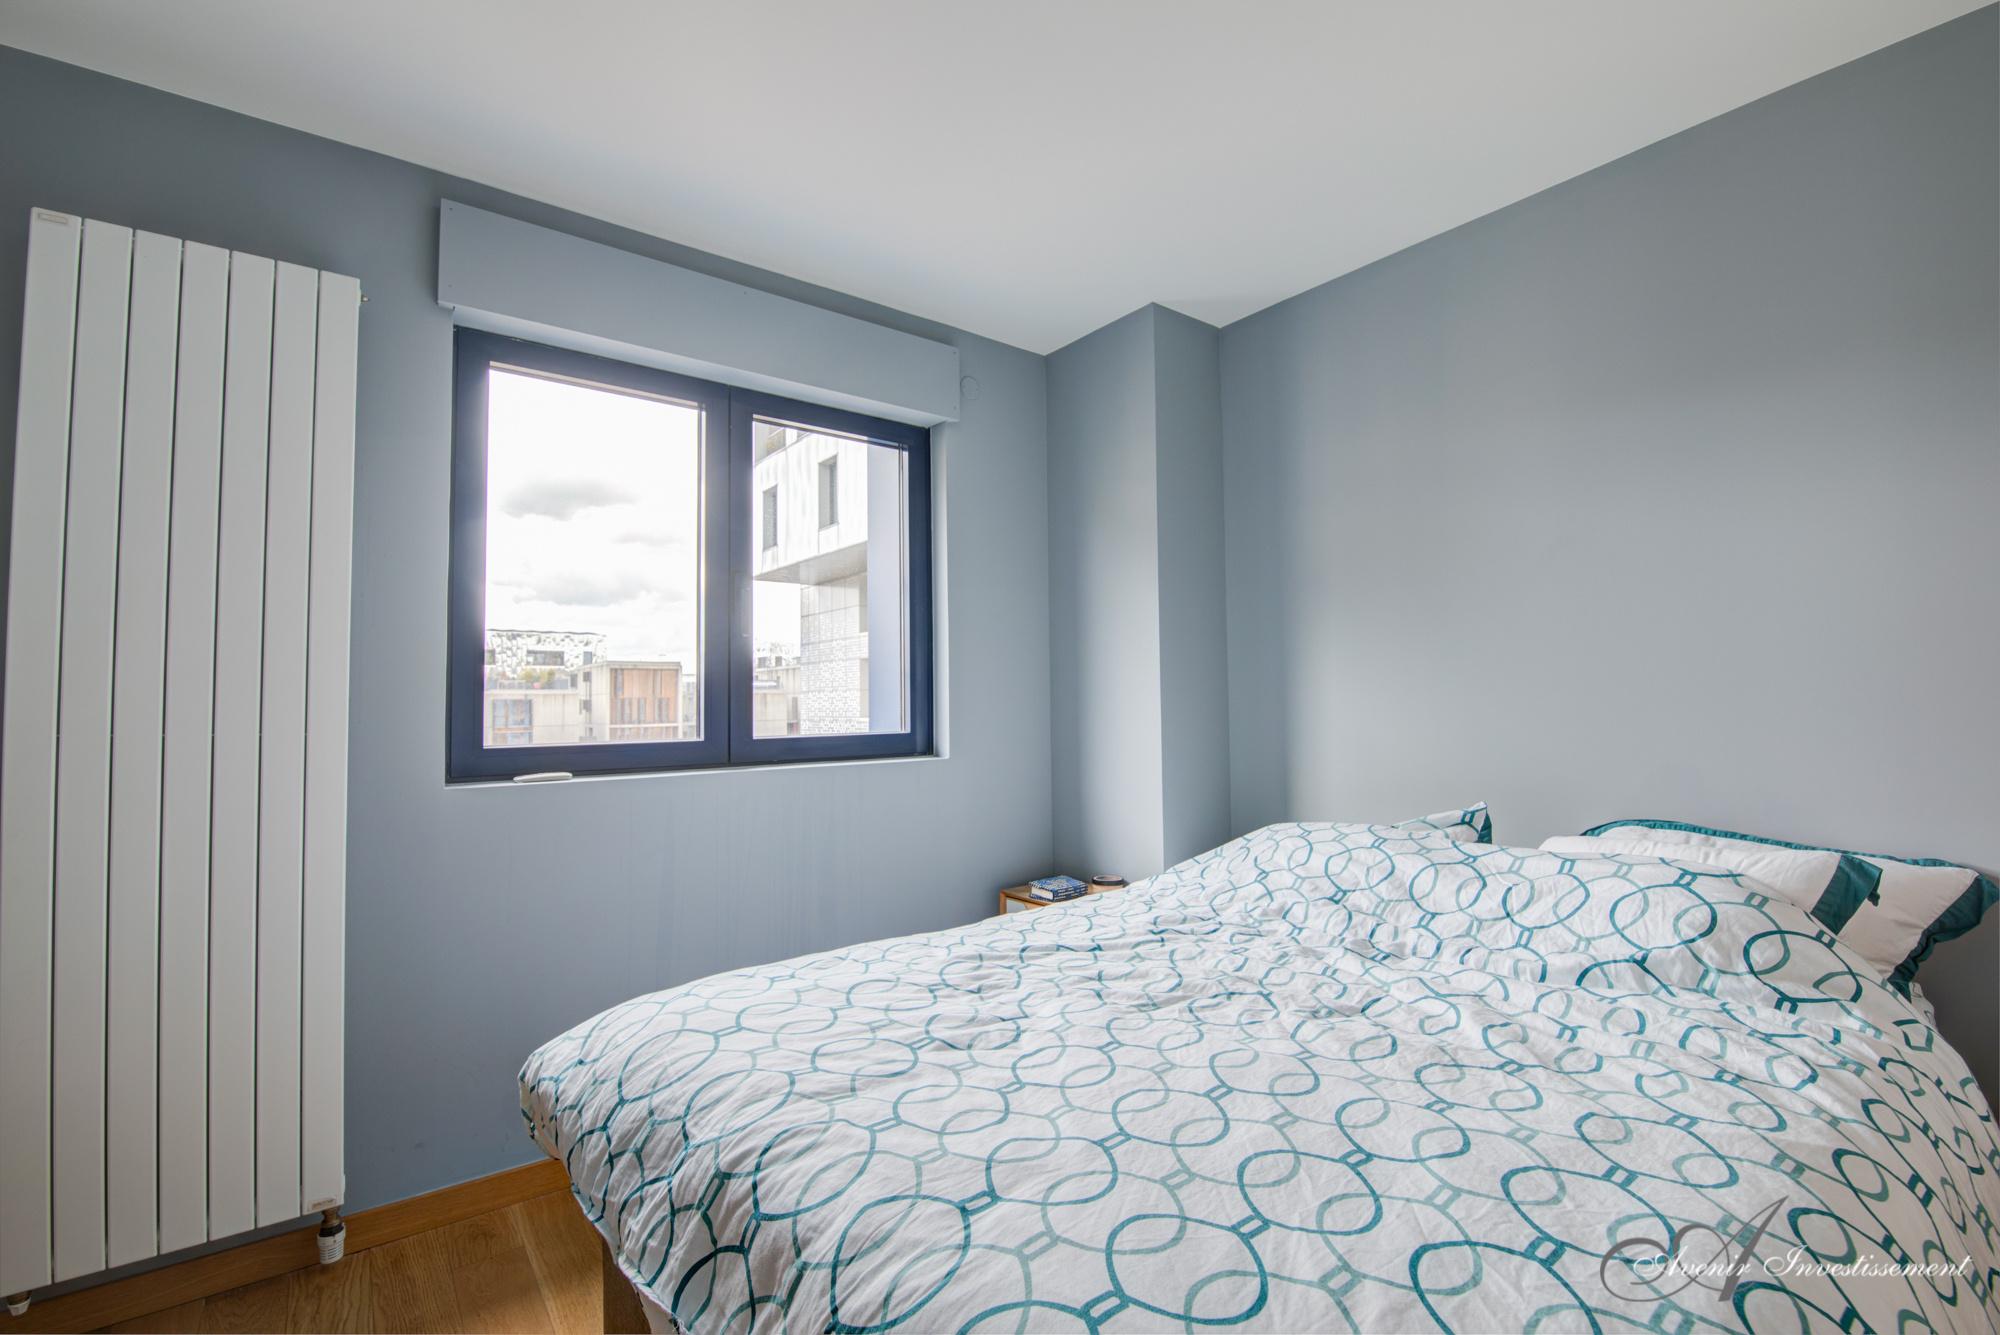 vente penthouse de 150 m2 avec terrasse de 90 m2 lyon 2 avenir investissement. Black Bedroom Furniture Sets. Home Design Ideas